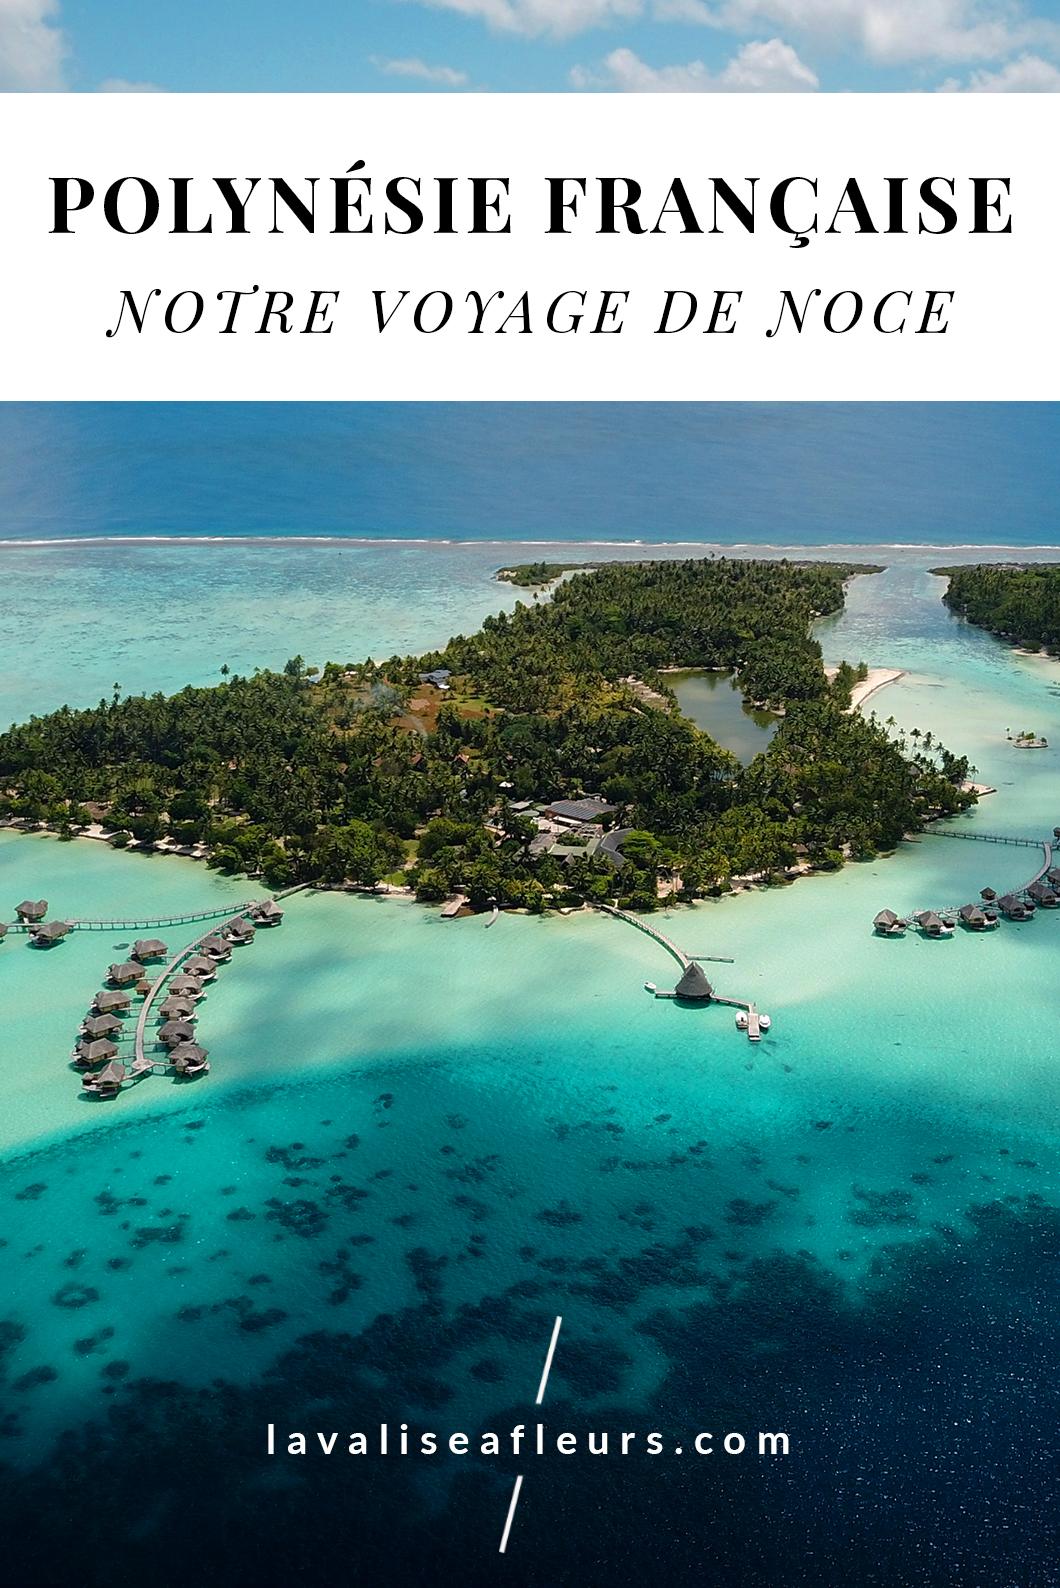 Préparer son voyage de noce en Polynésie Française